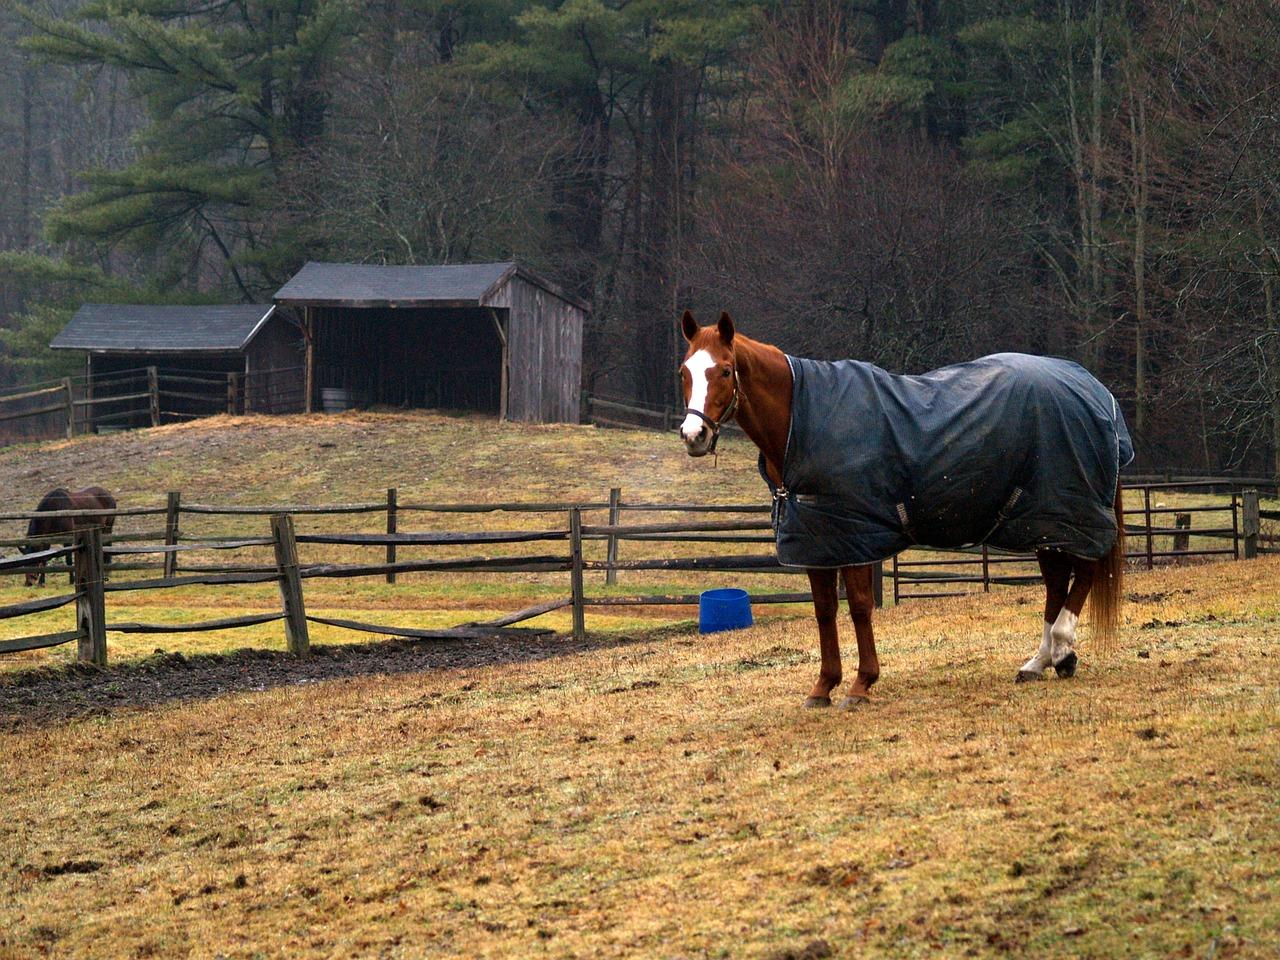 Wann Pferde eindecken – Leitfaden Pferdedecken